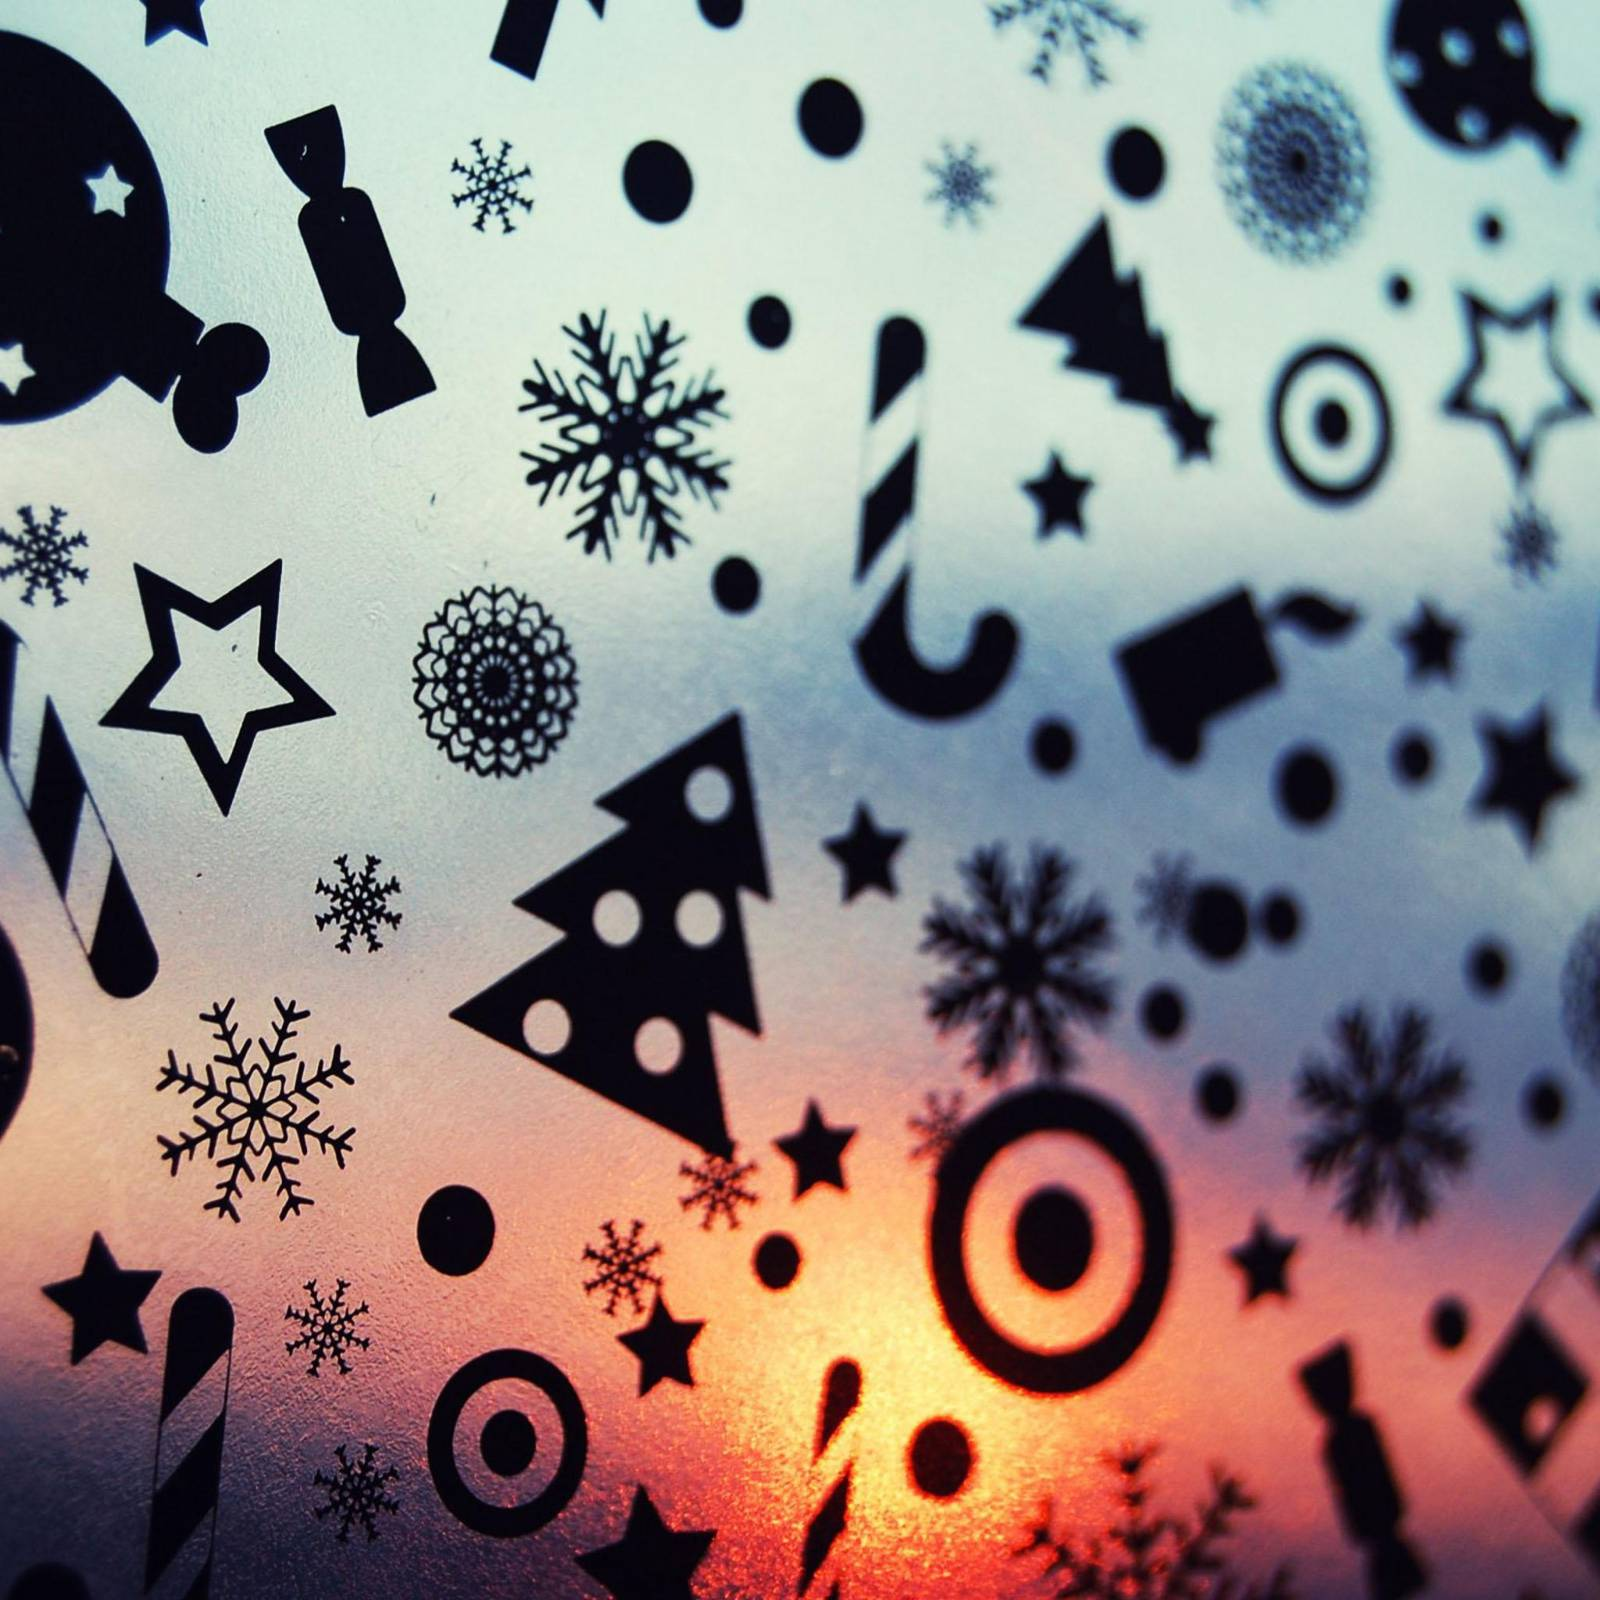 Праздничный вектор - Поздравления к  праздникам поздравительные картинки